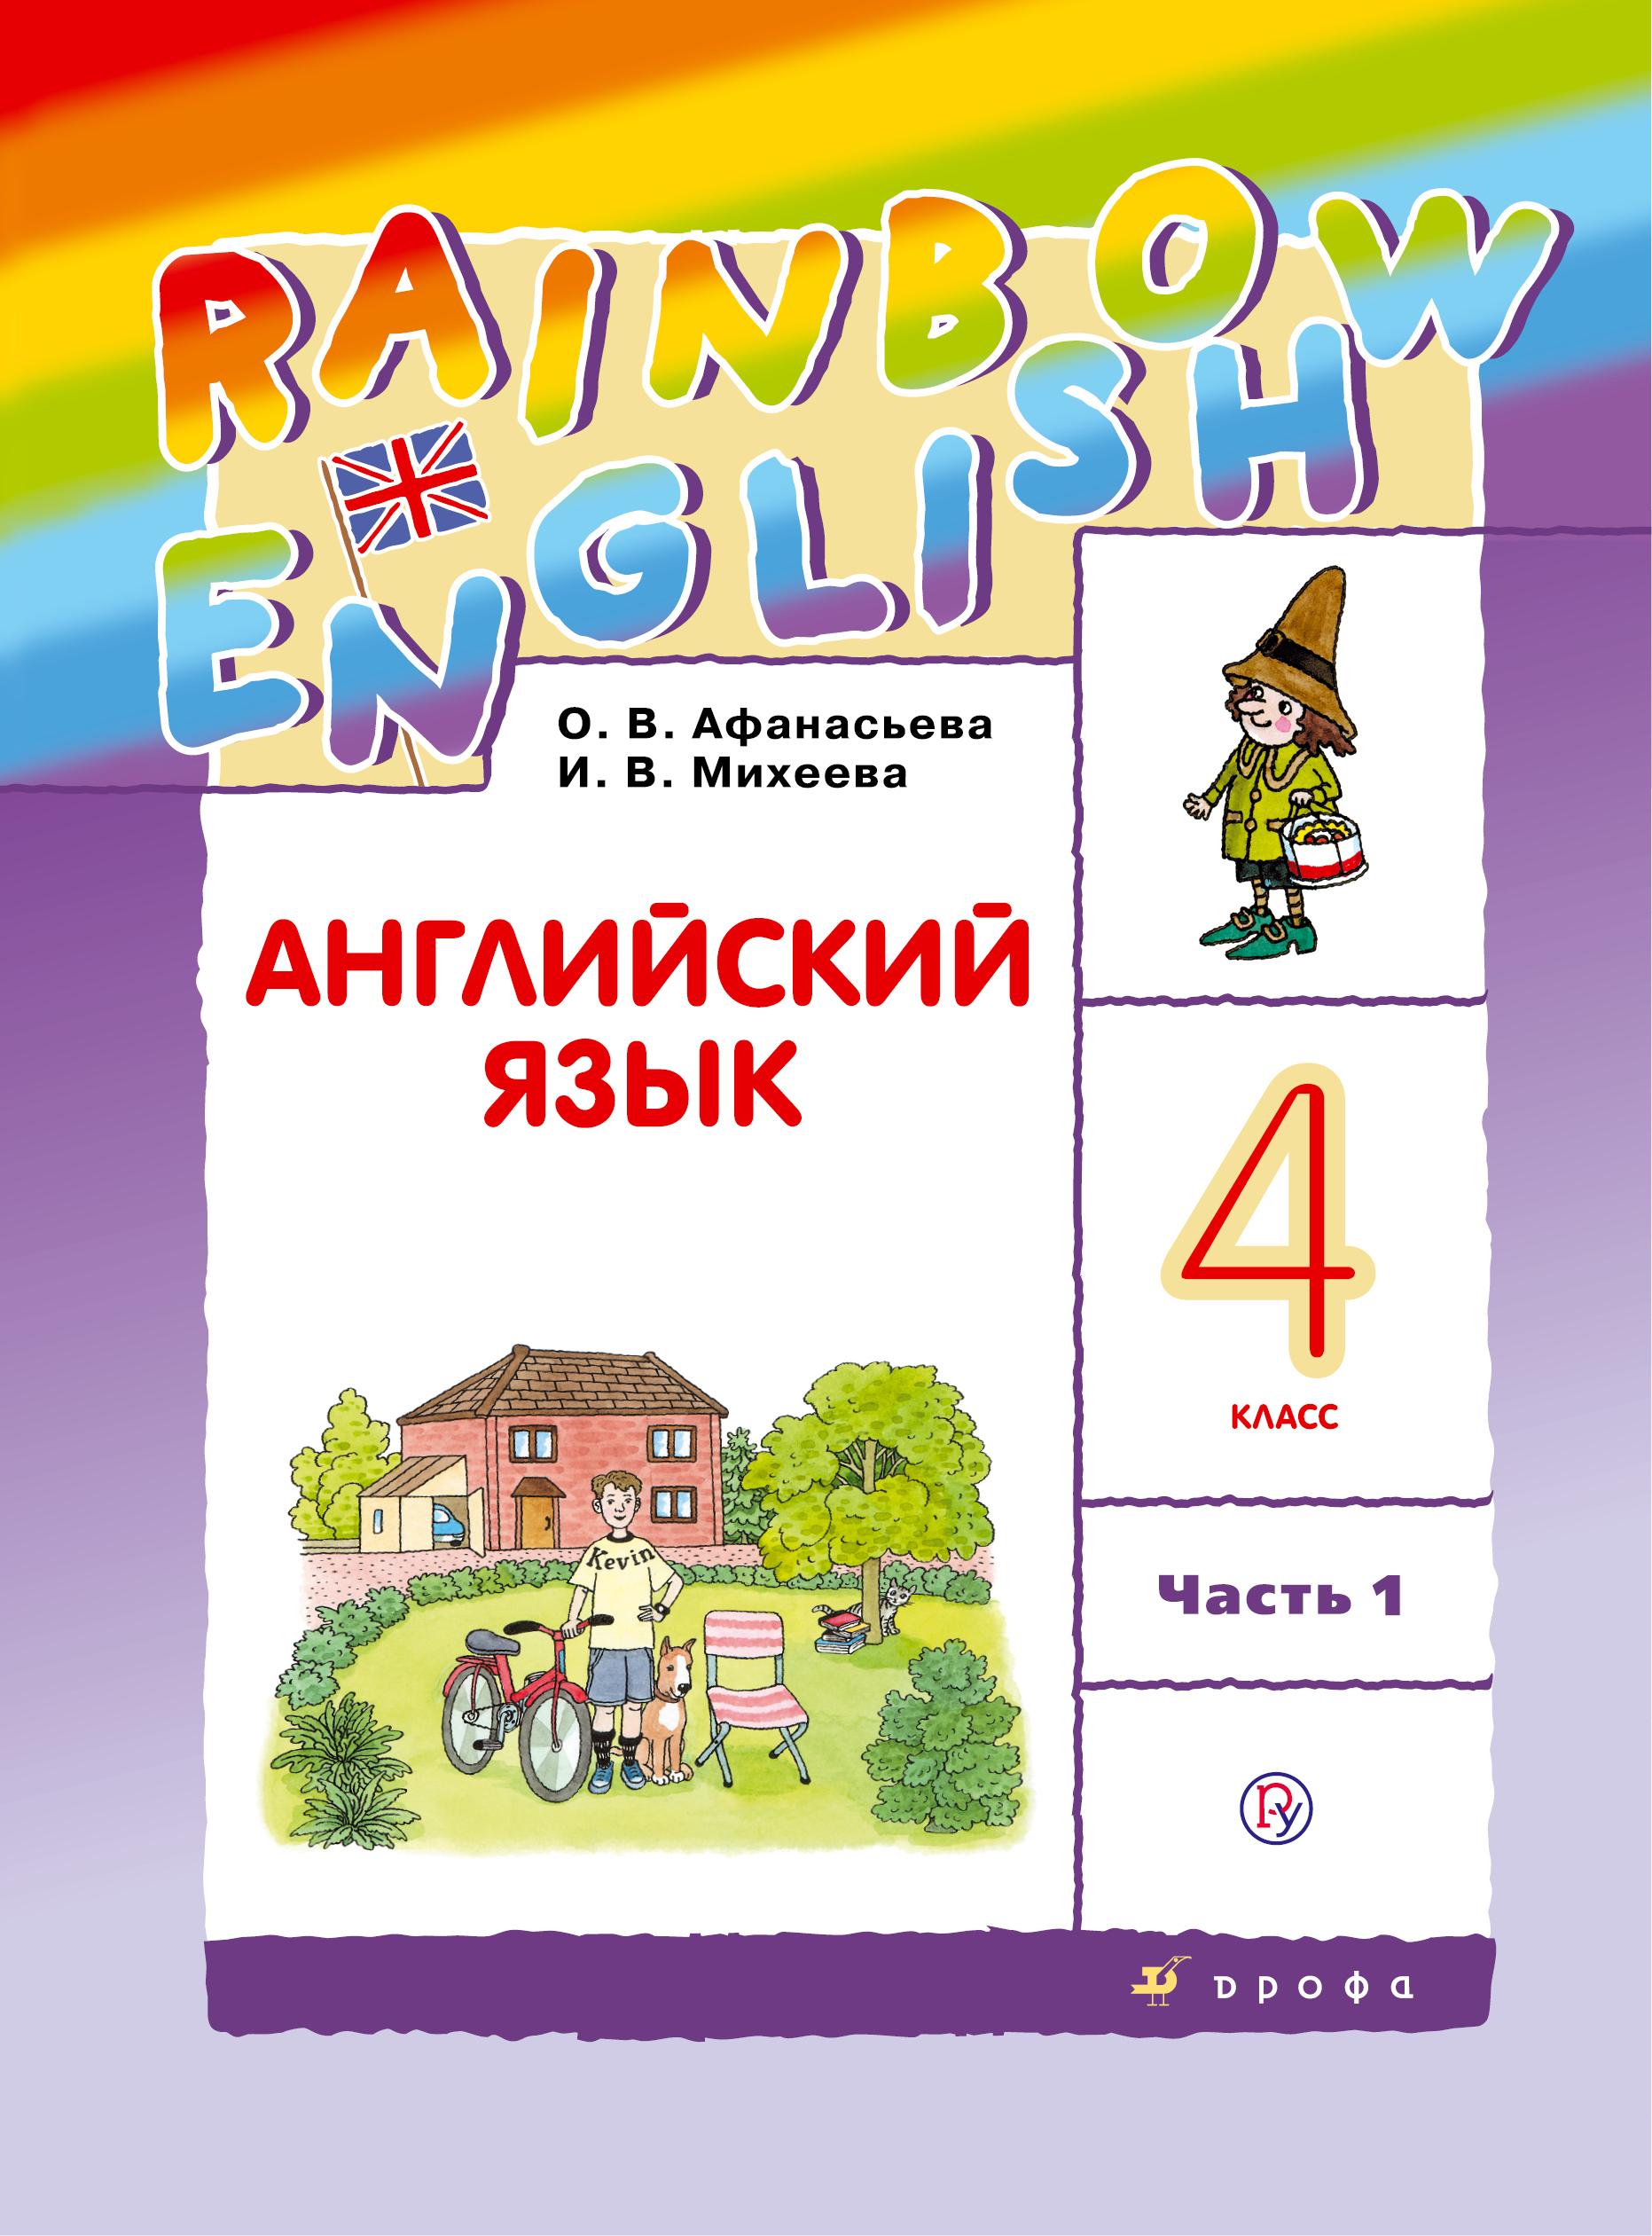 Афанасьева О.В., Михеева И.В. Английский язык. 4 класс. Учебник в 2-х частях. Часть 1